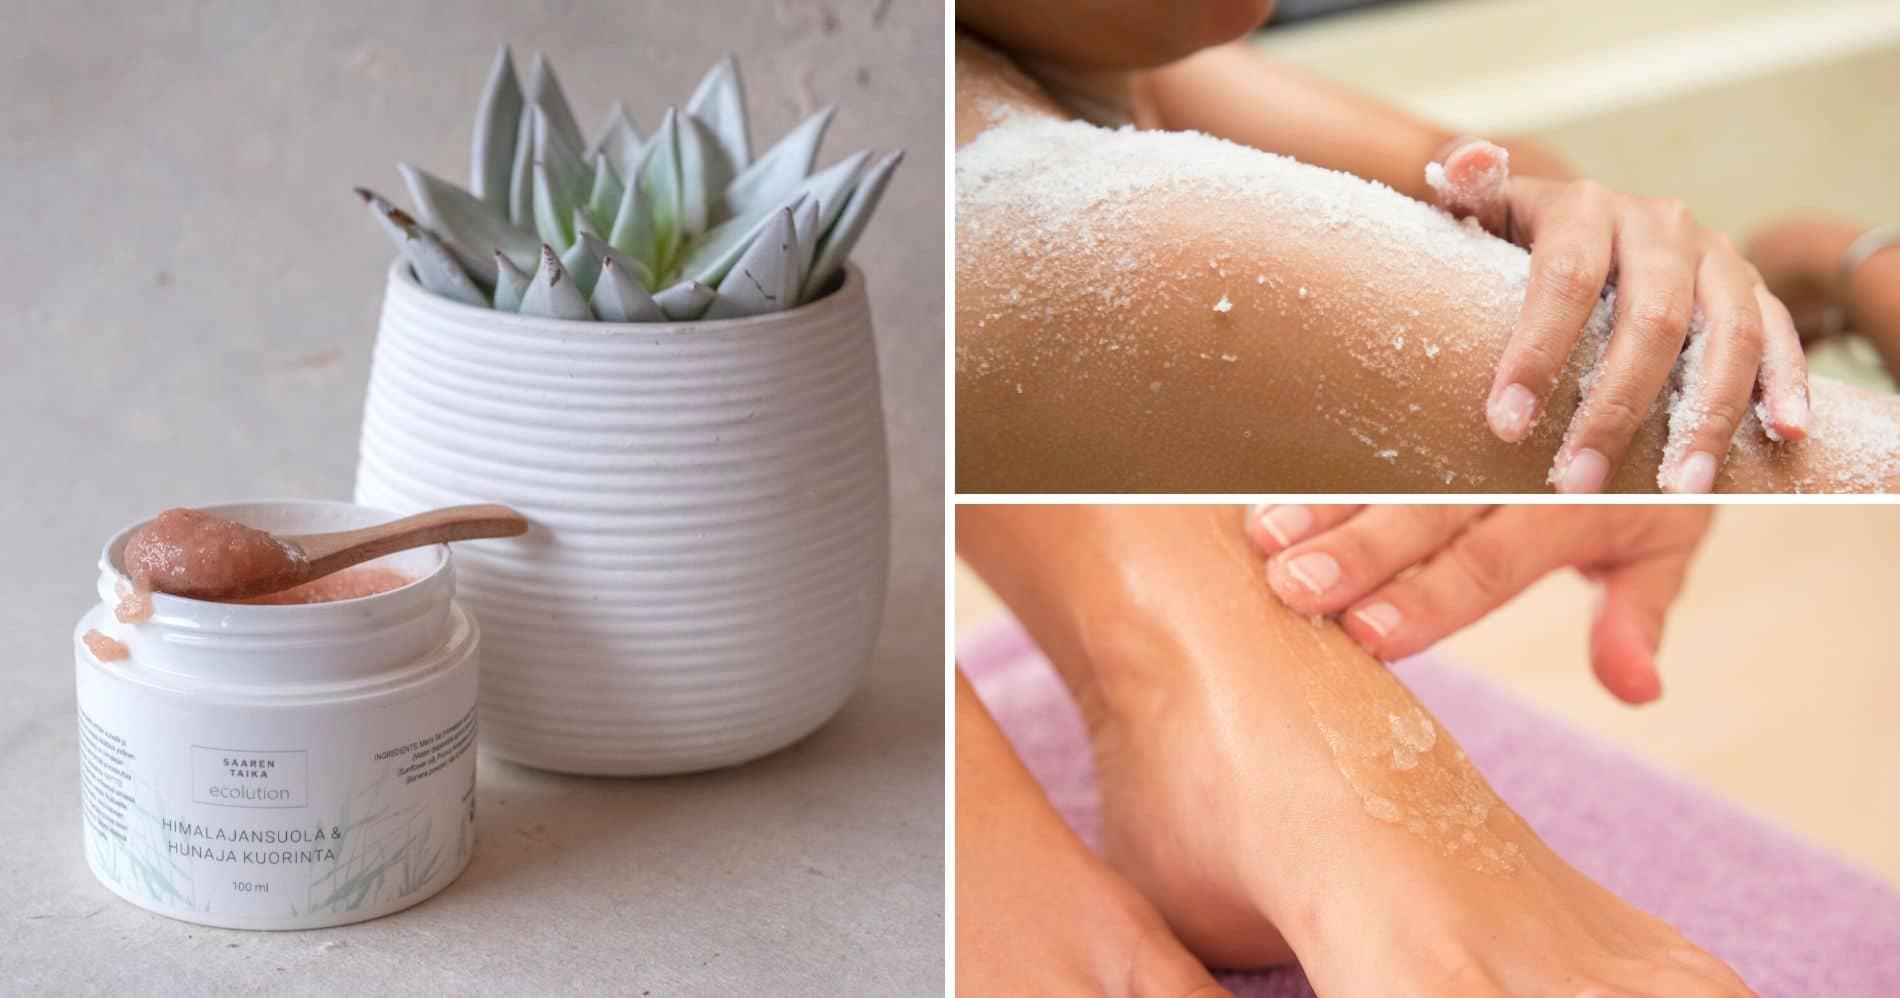 Kuorinta poistaa ihon pinnalle kertyneitä kuolleita ihosoluja ja tekee ihosta kirkkaamman, kuulaamman ja sileämmän. Kuorittu iho imee myös paremmin voiteiden ravintoaineet itseensä ja säilyy näin nuorekkaampana!